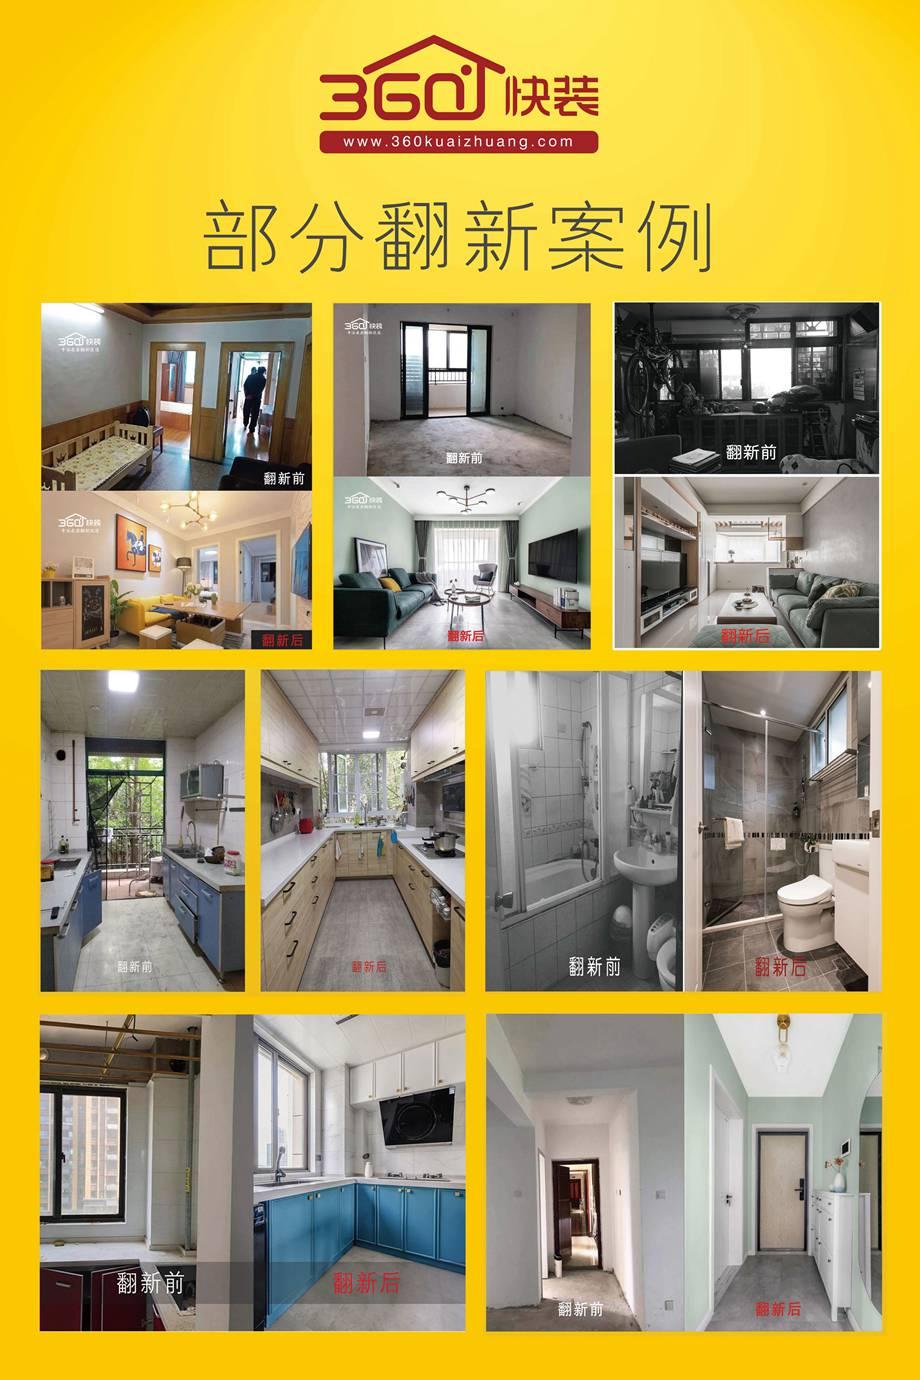 360快装老房变新家,全包28800